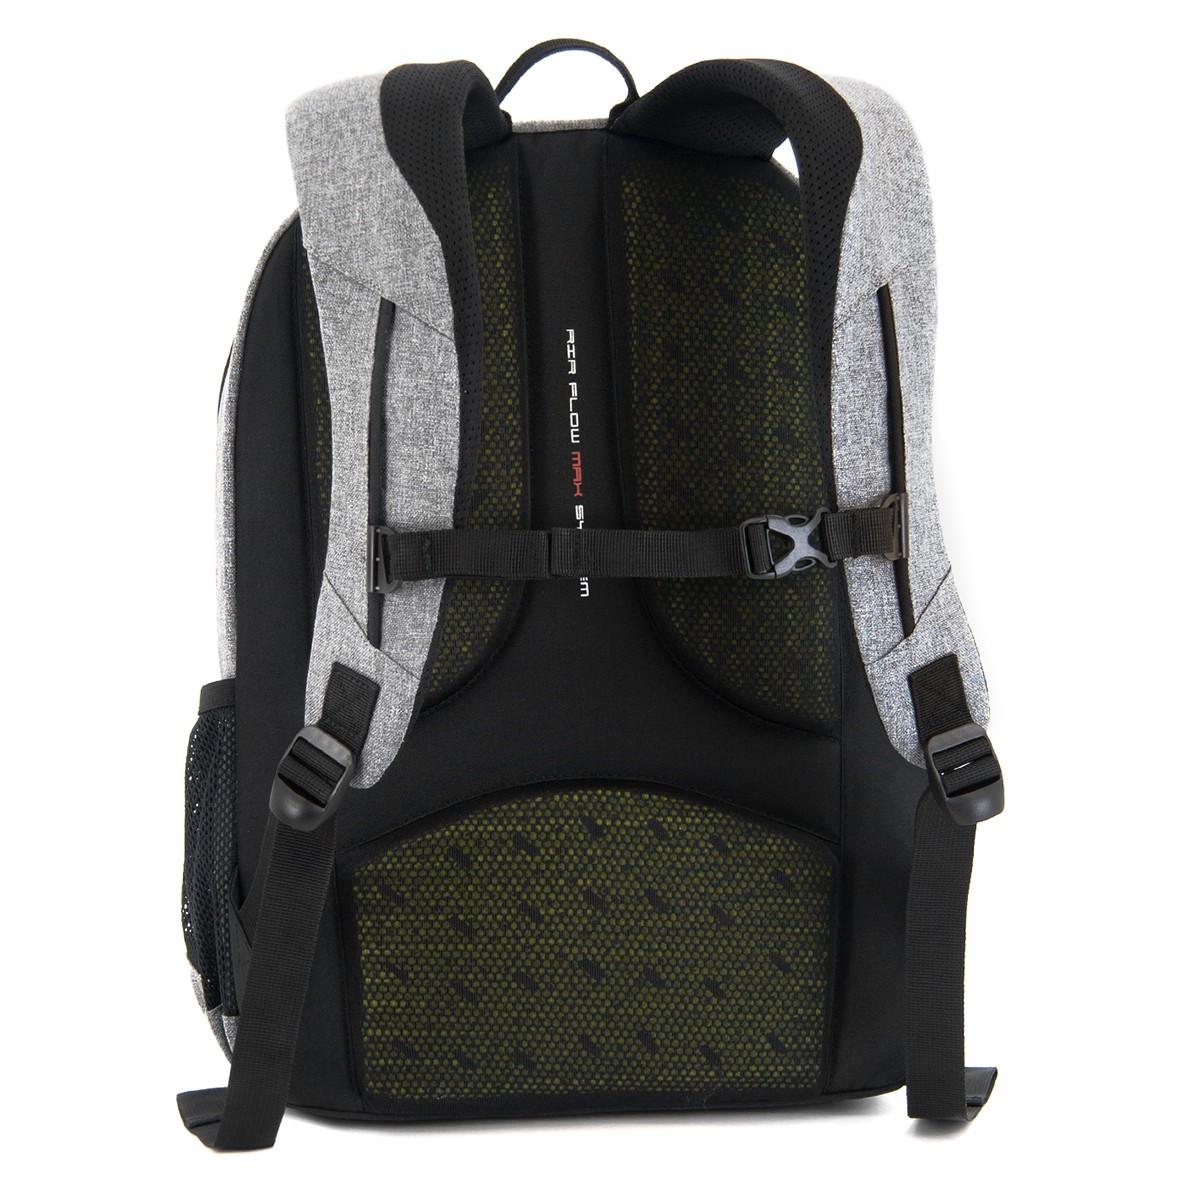 c9eac9183f92 ARS UNA 08 ergonomikus hátizsák, iskolatáska 91315328